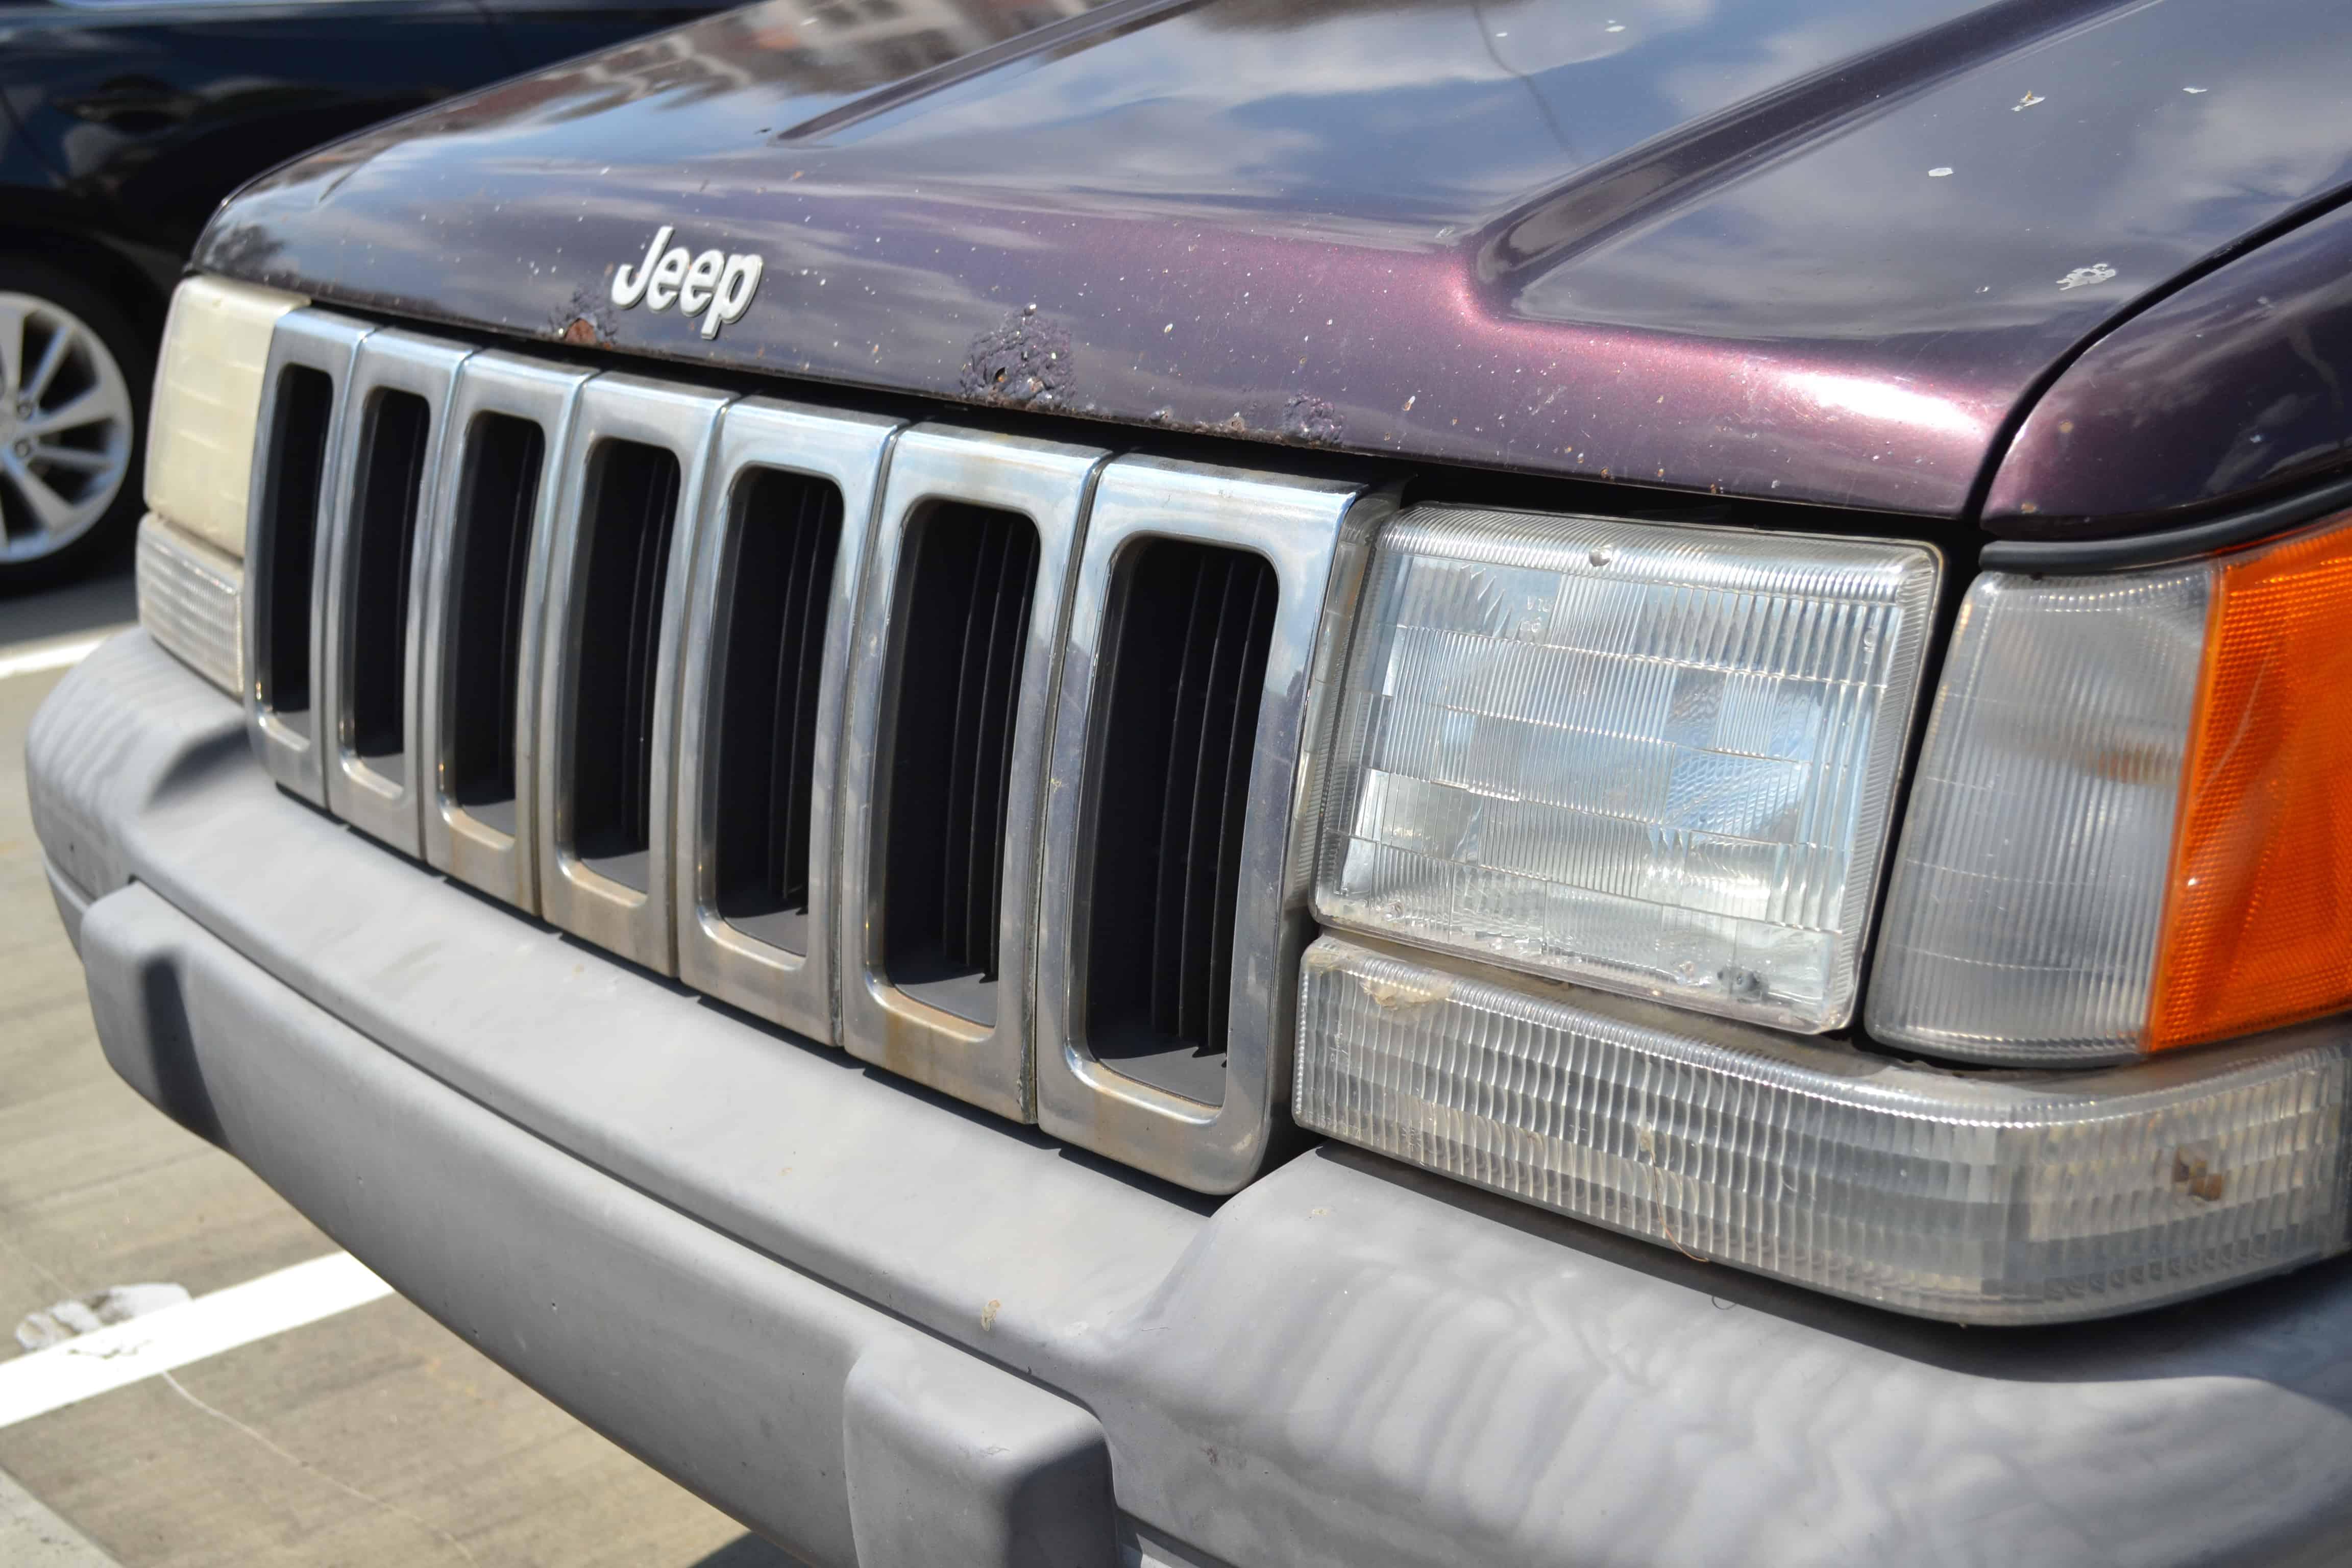 1997 Jeep Grand Cherokee Laredo Grill